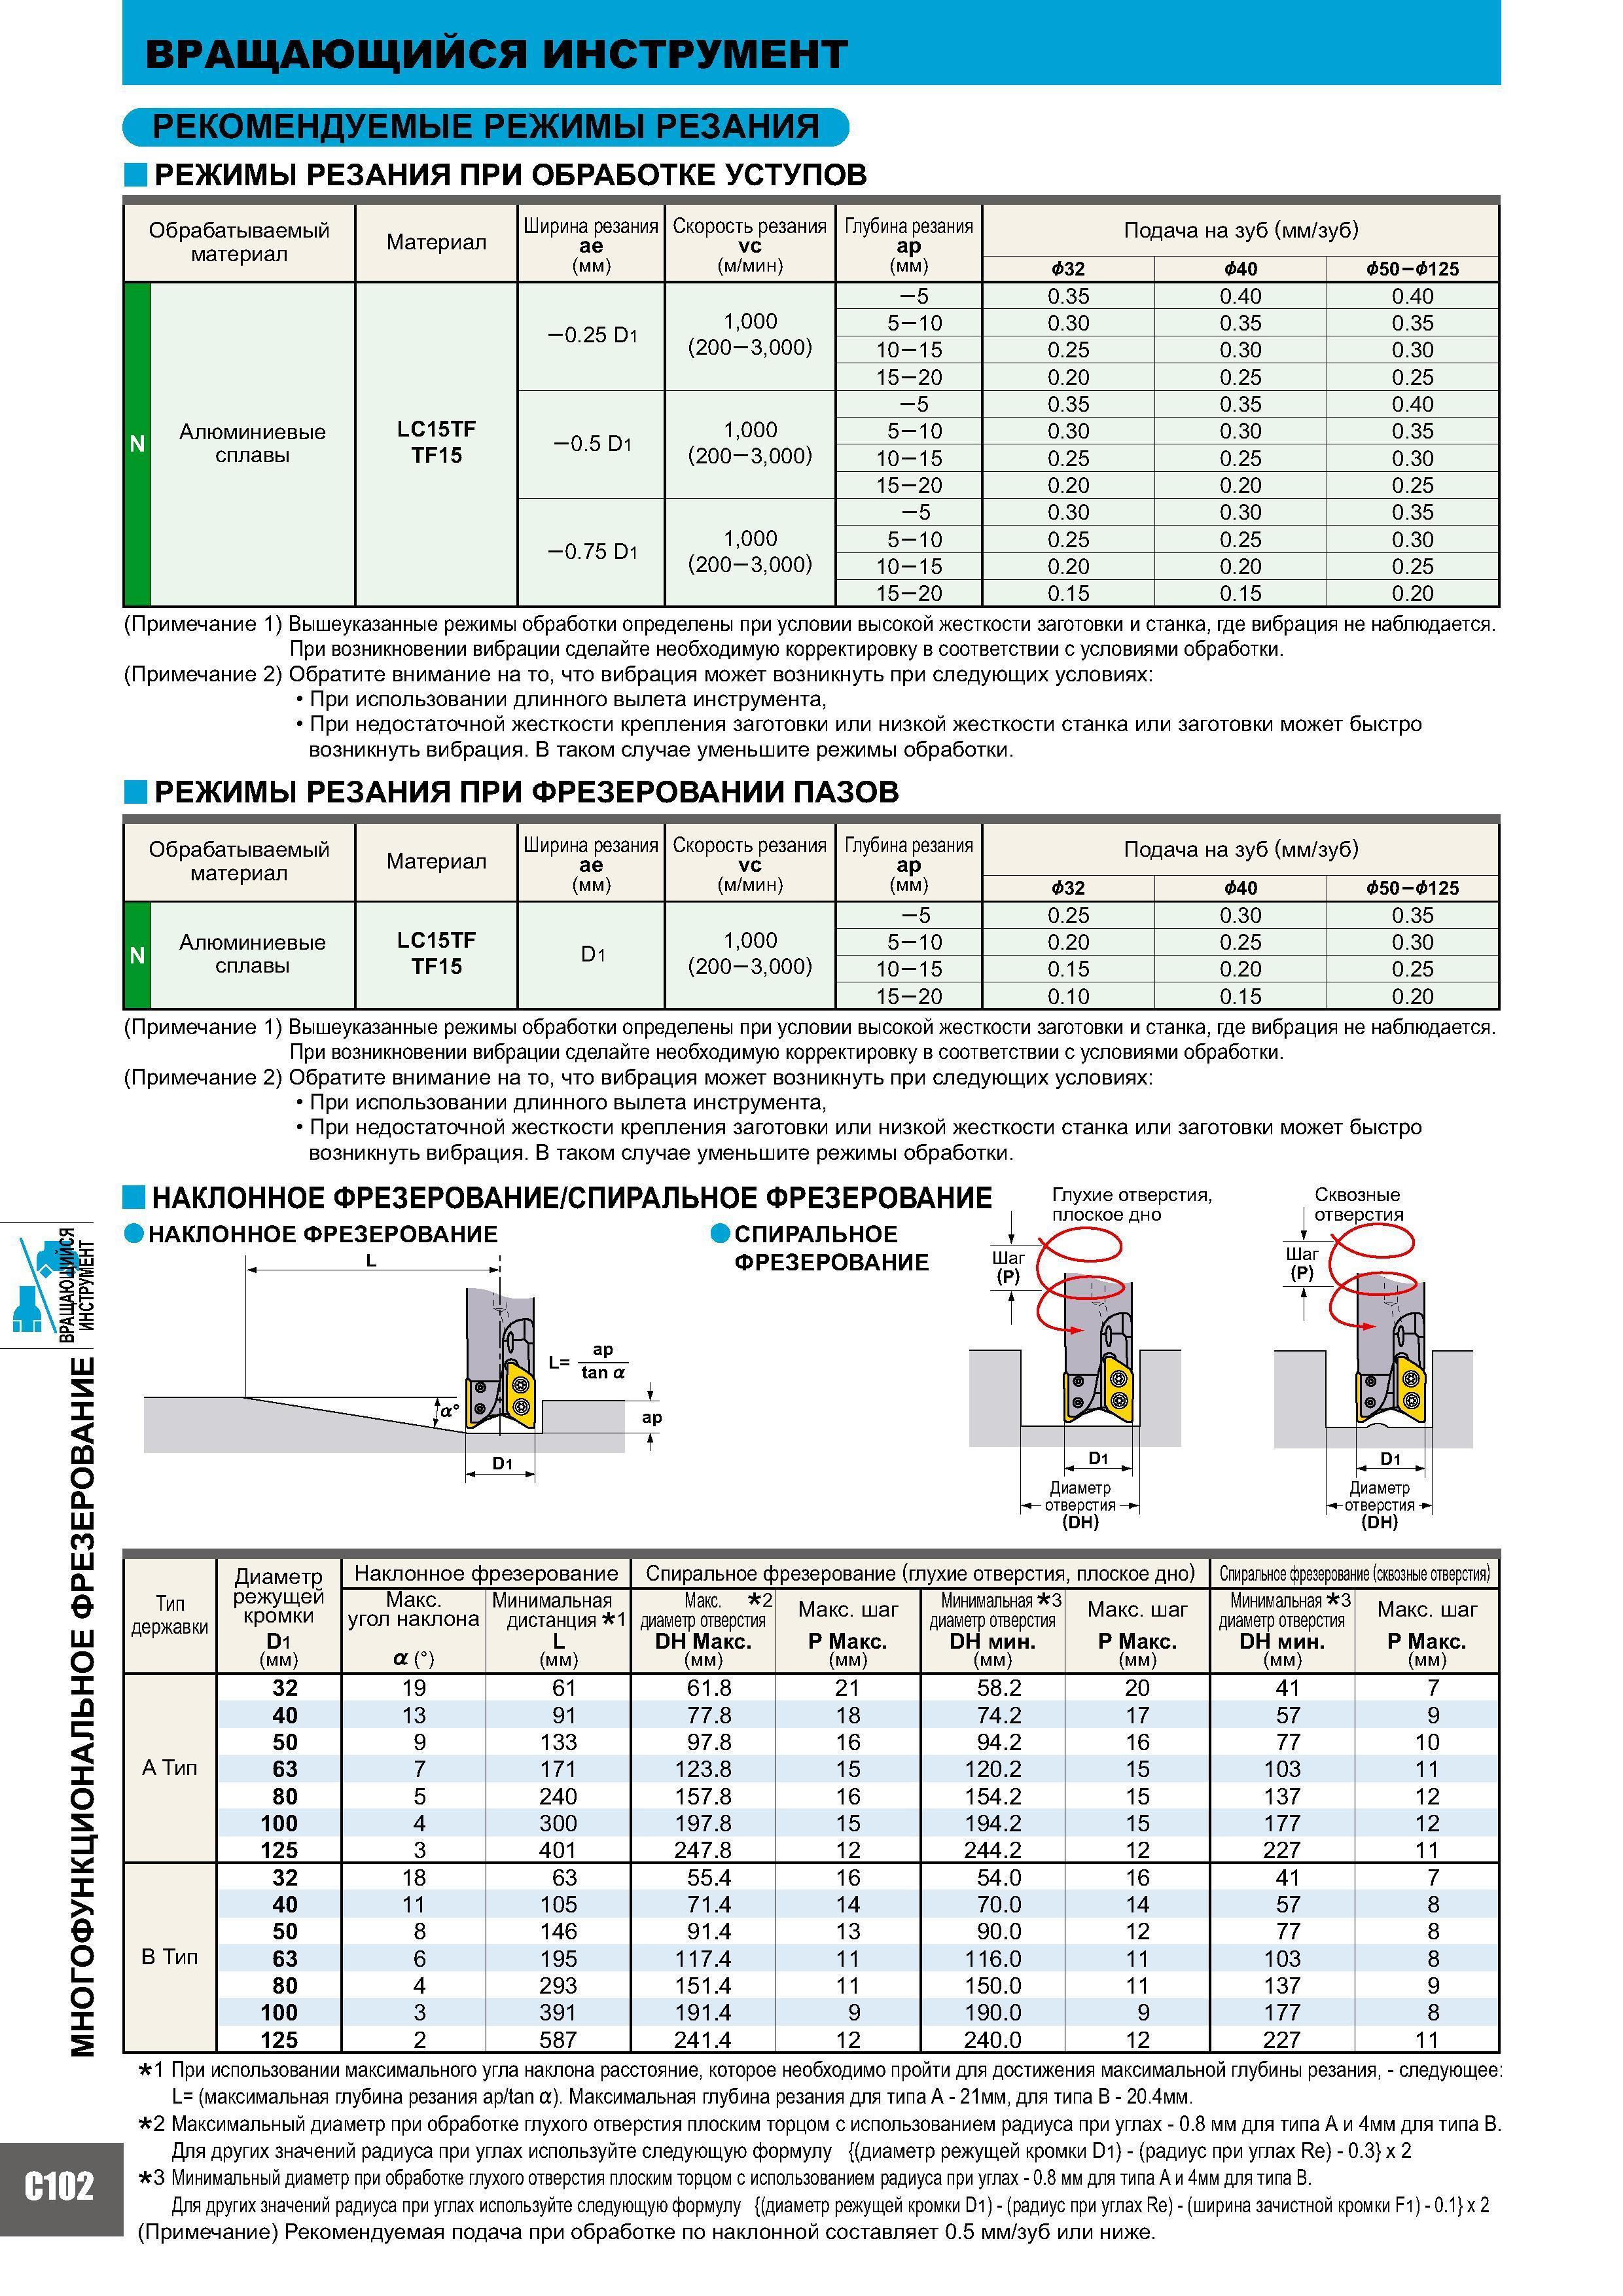 Режимы резания при фрезеровании: таблица, элементы, выбор режимов